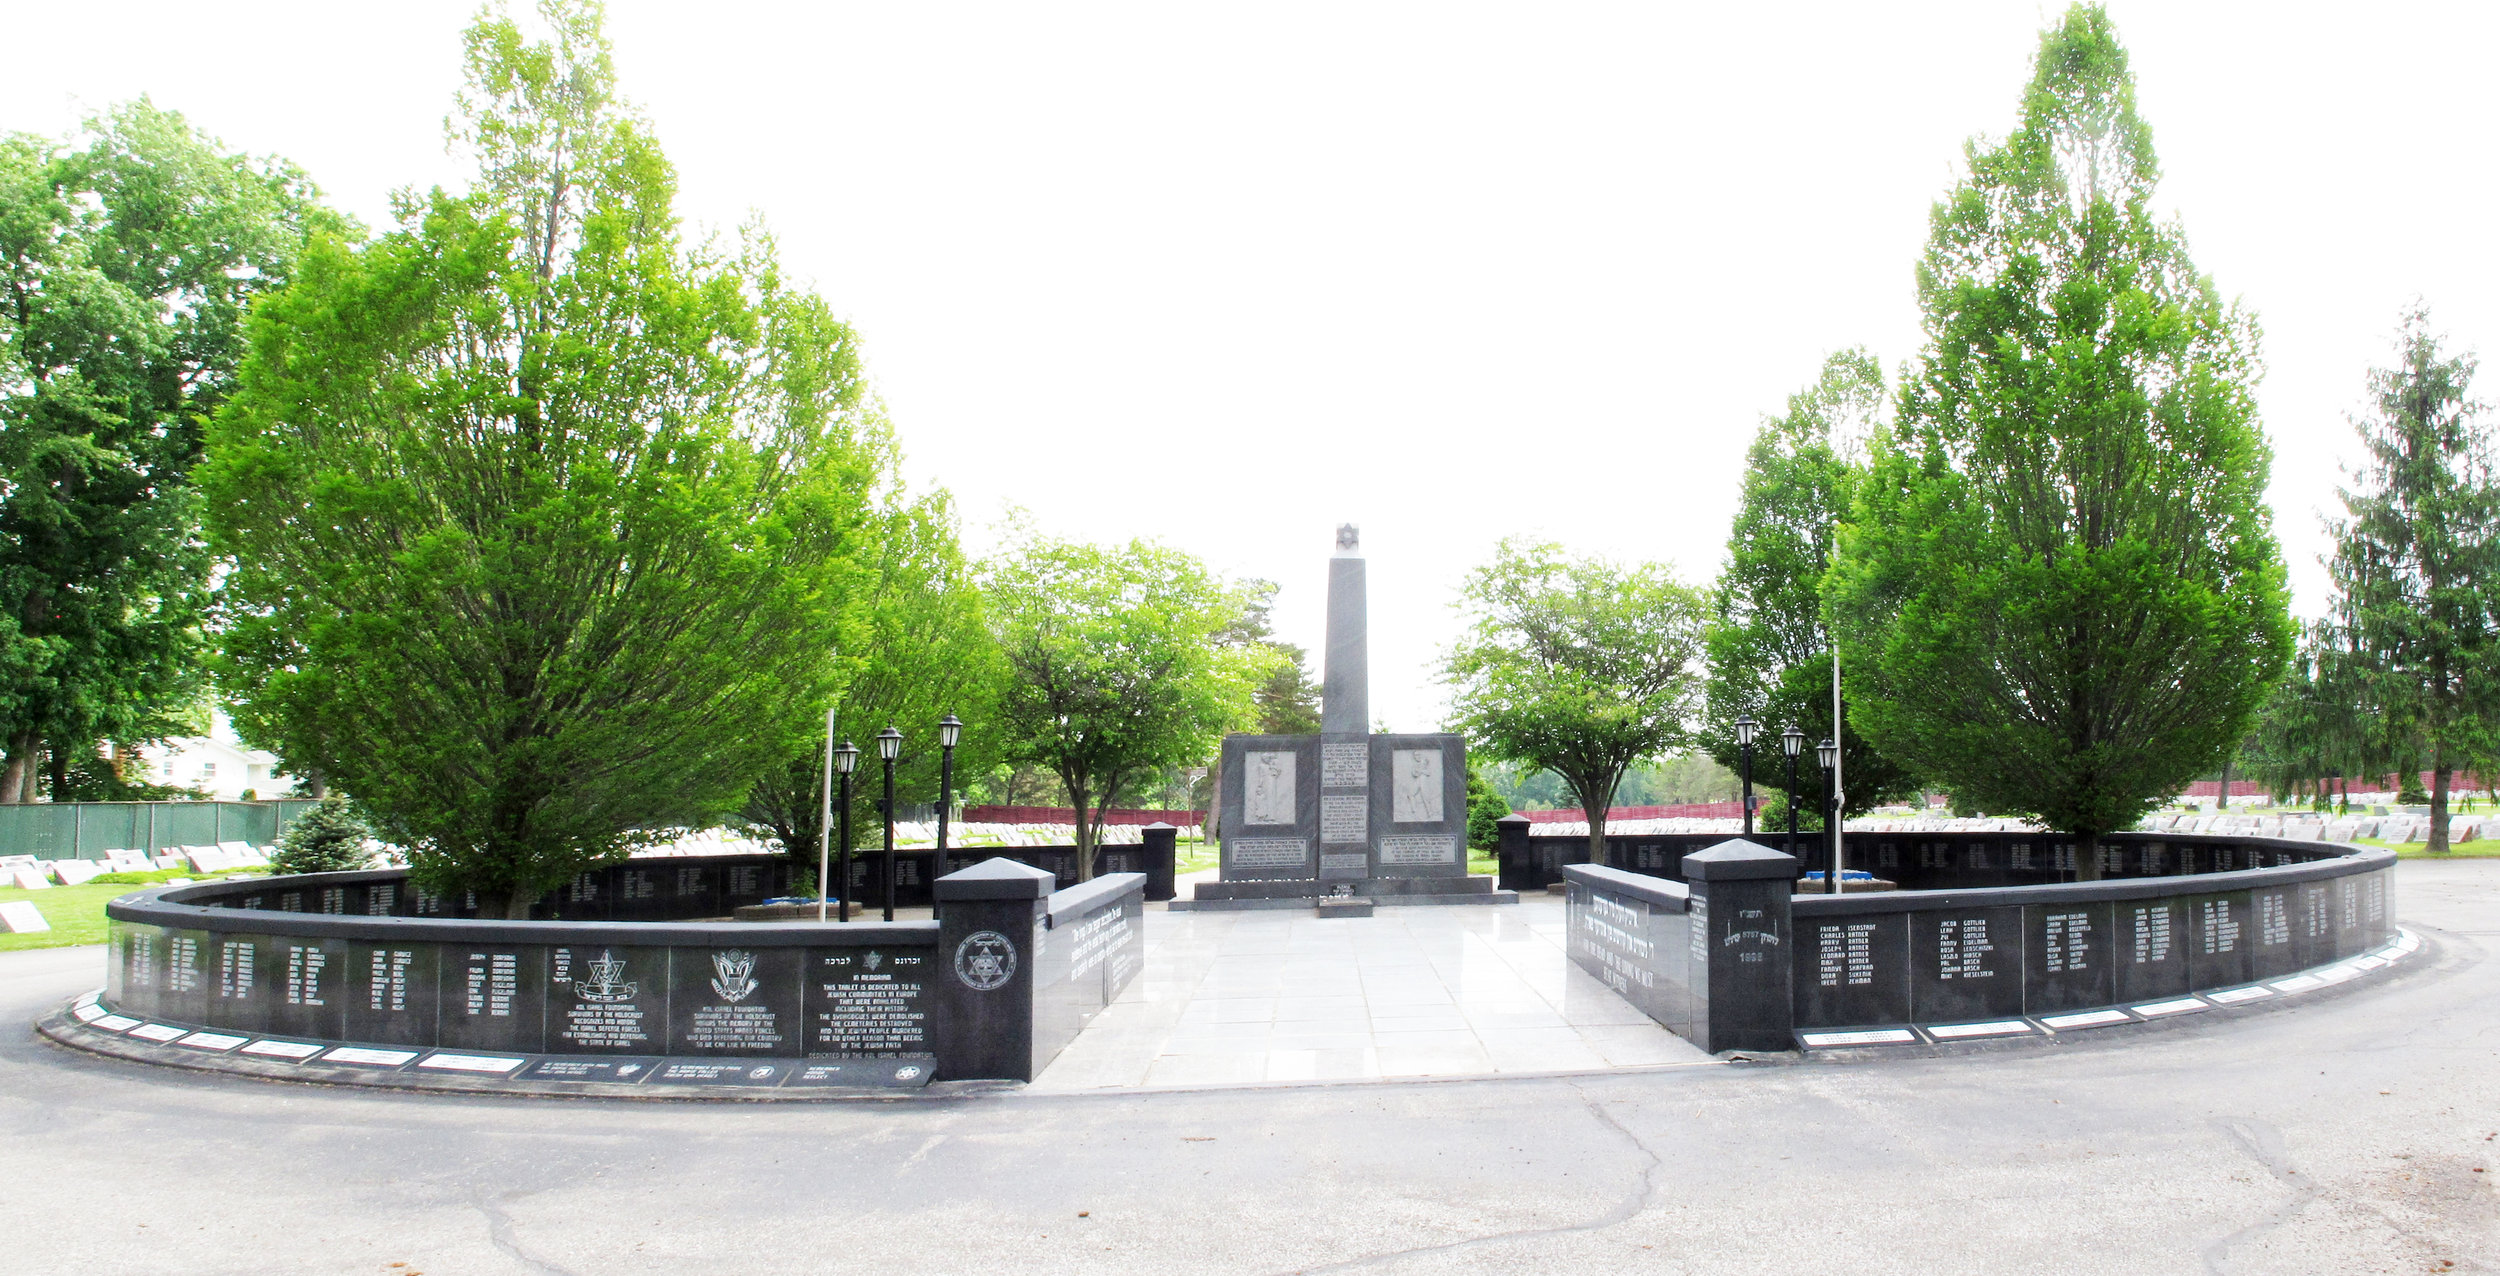 KIF MEMORIALPanorama1.jpg